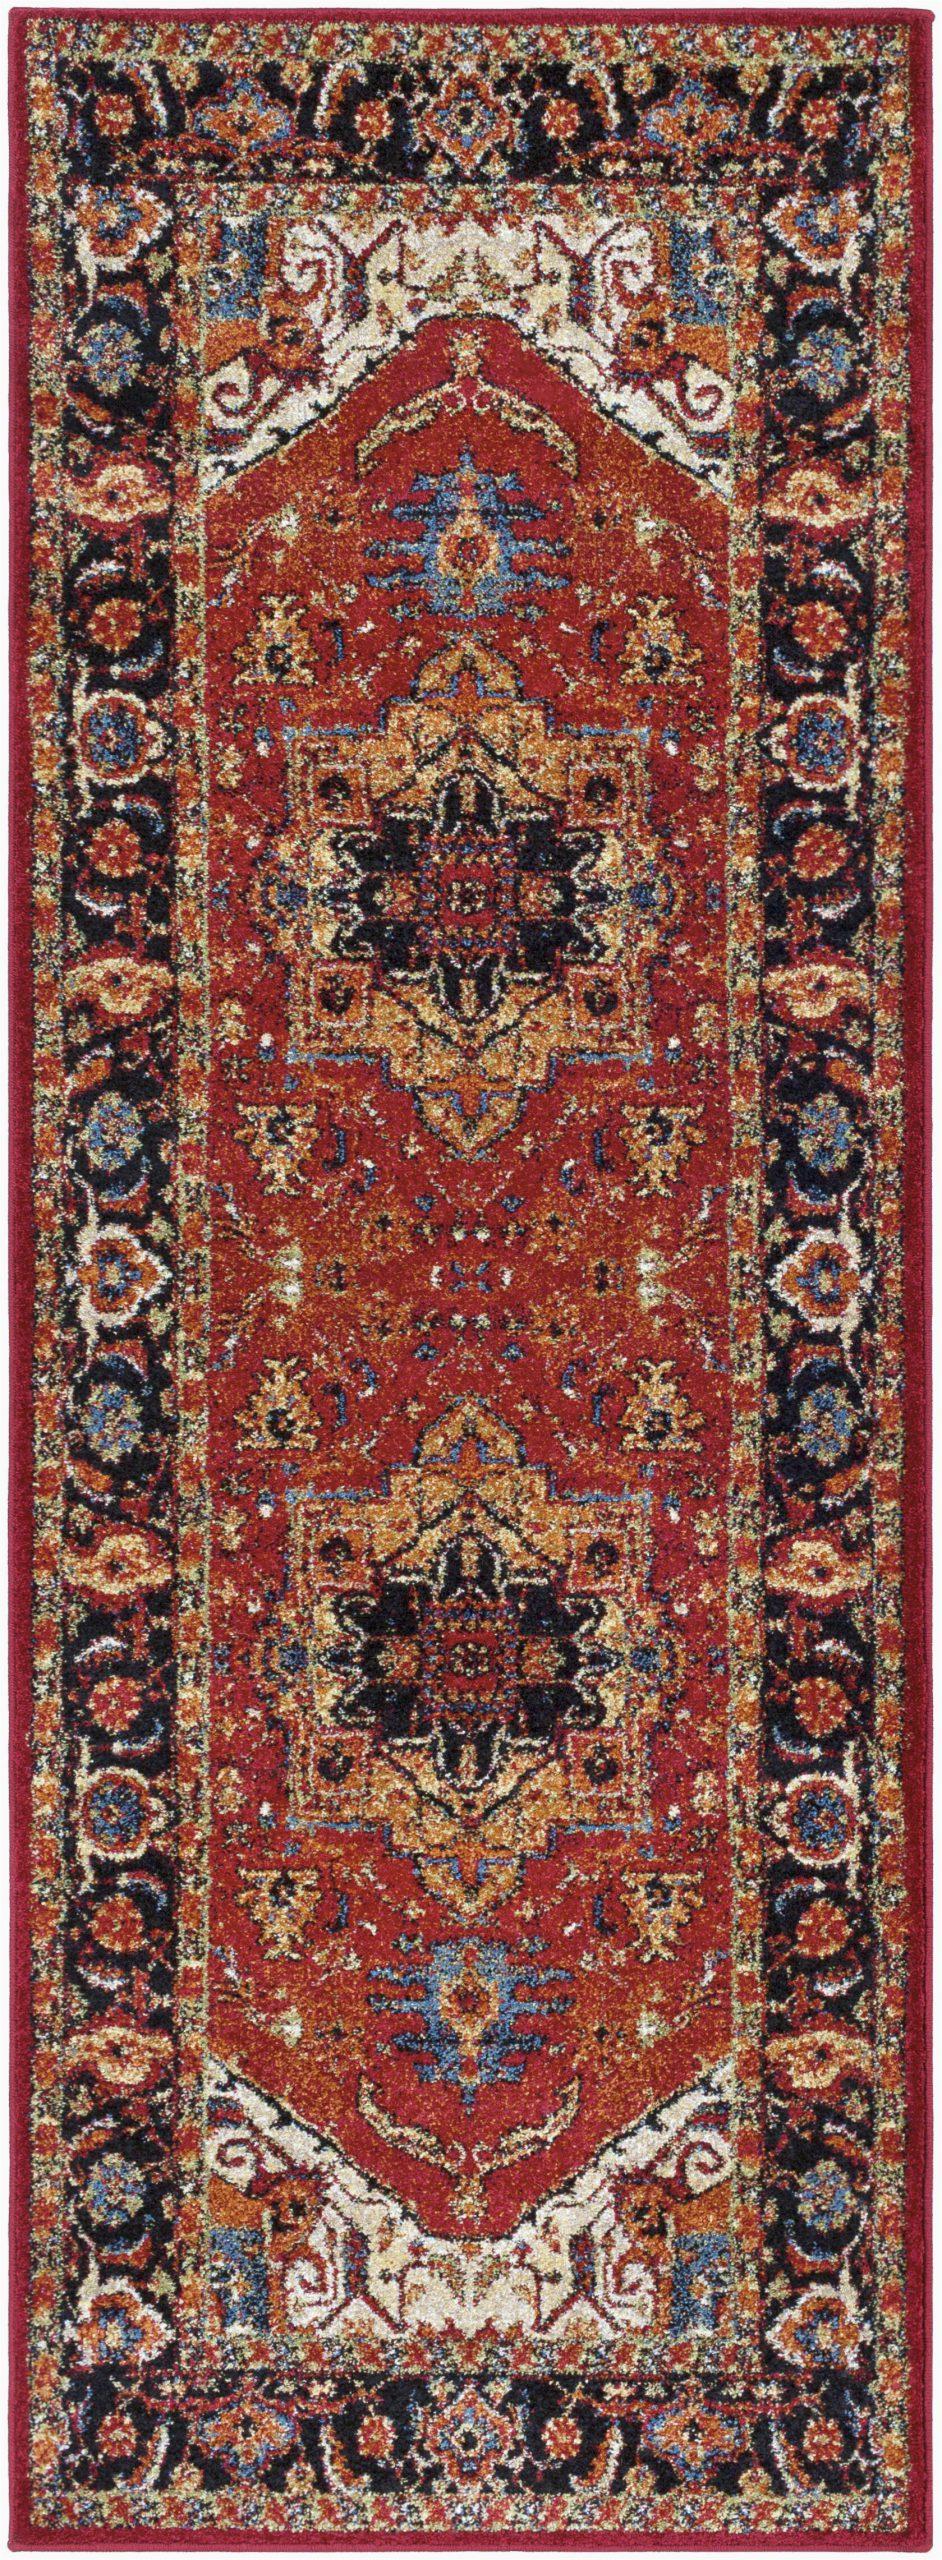 Brahim Red Black area Rug Brahim southwestern Red Black area Rug